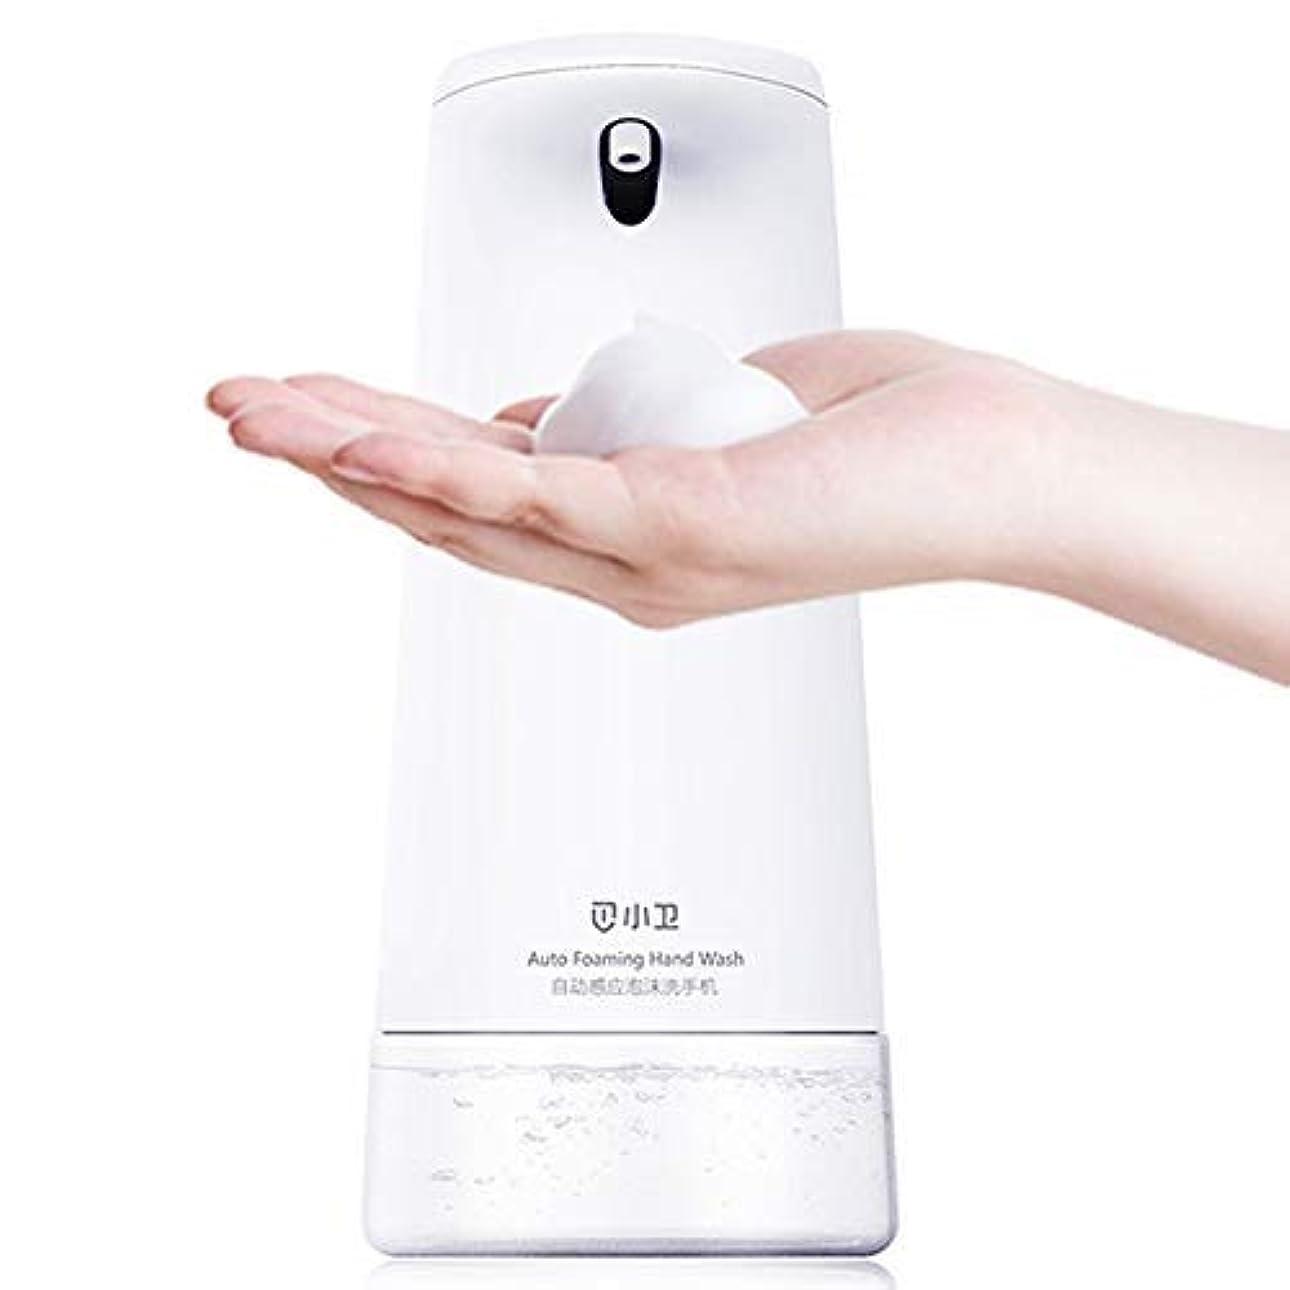 文化モード残酷250ミリリットルインテリジェント自動泡石鹸ディスペンサー誘導発泡手洗い機ポータブル液体石鹸ディスペンサー浴室ツール